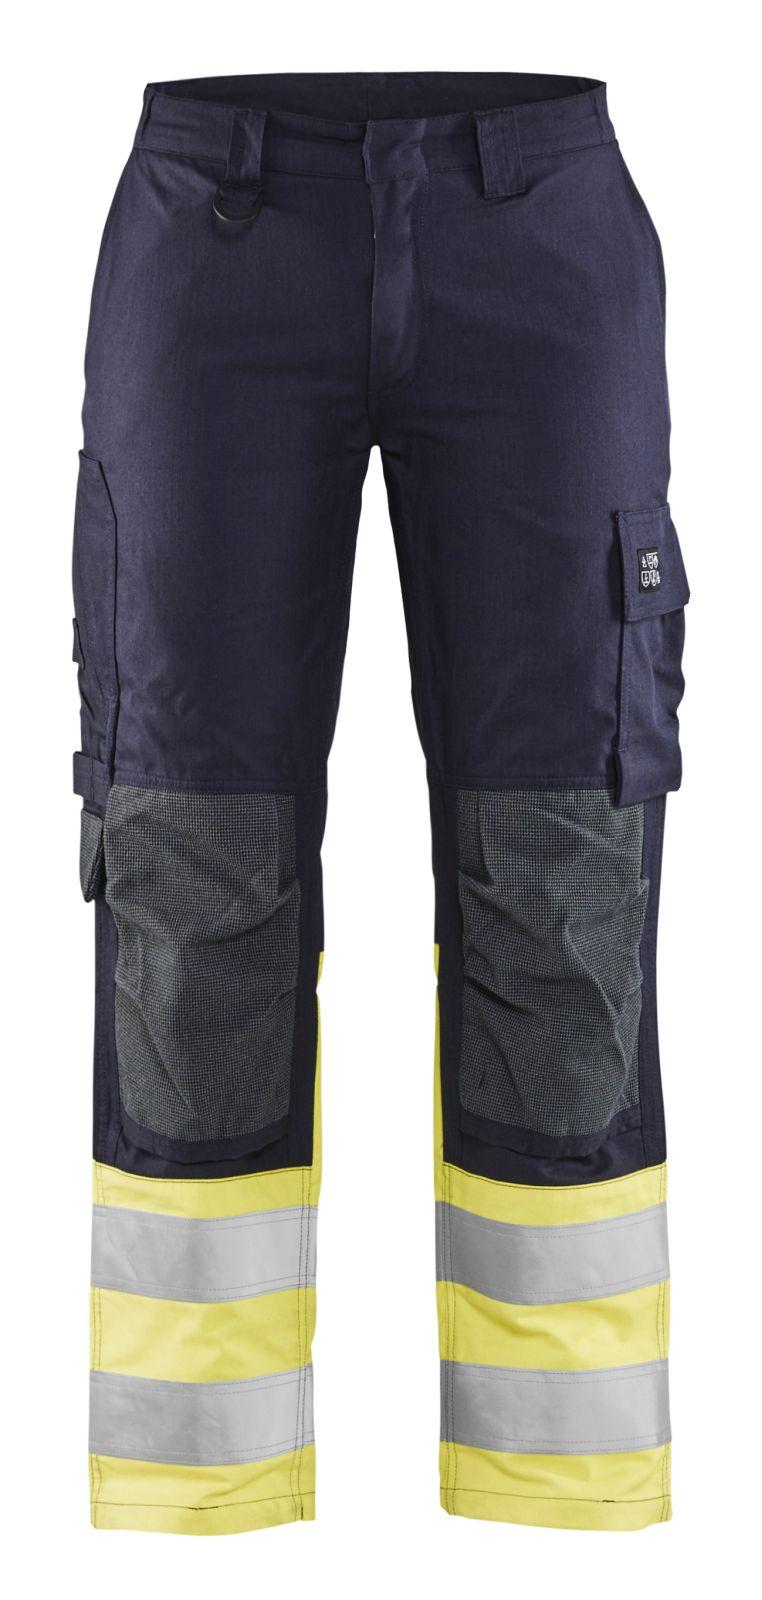 Blaklader Dames werkbroeken 71881512 Multinorm marineblauw-fluo geel(8933)